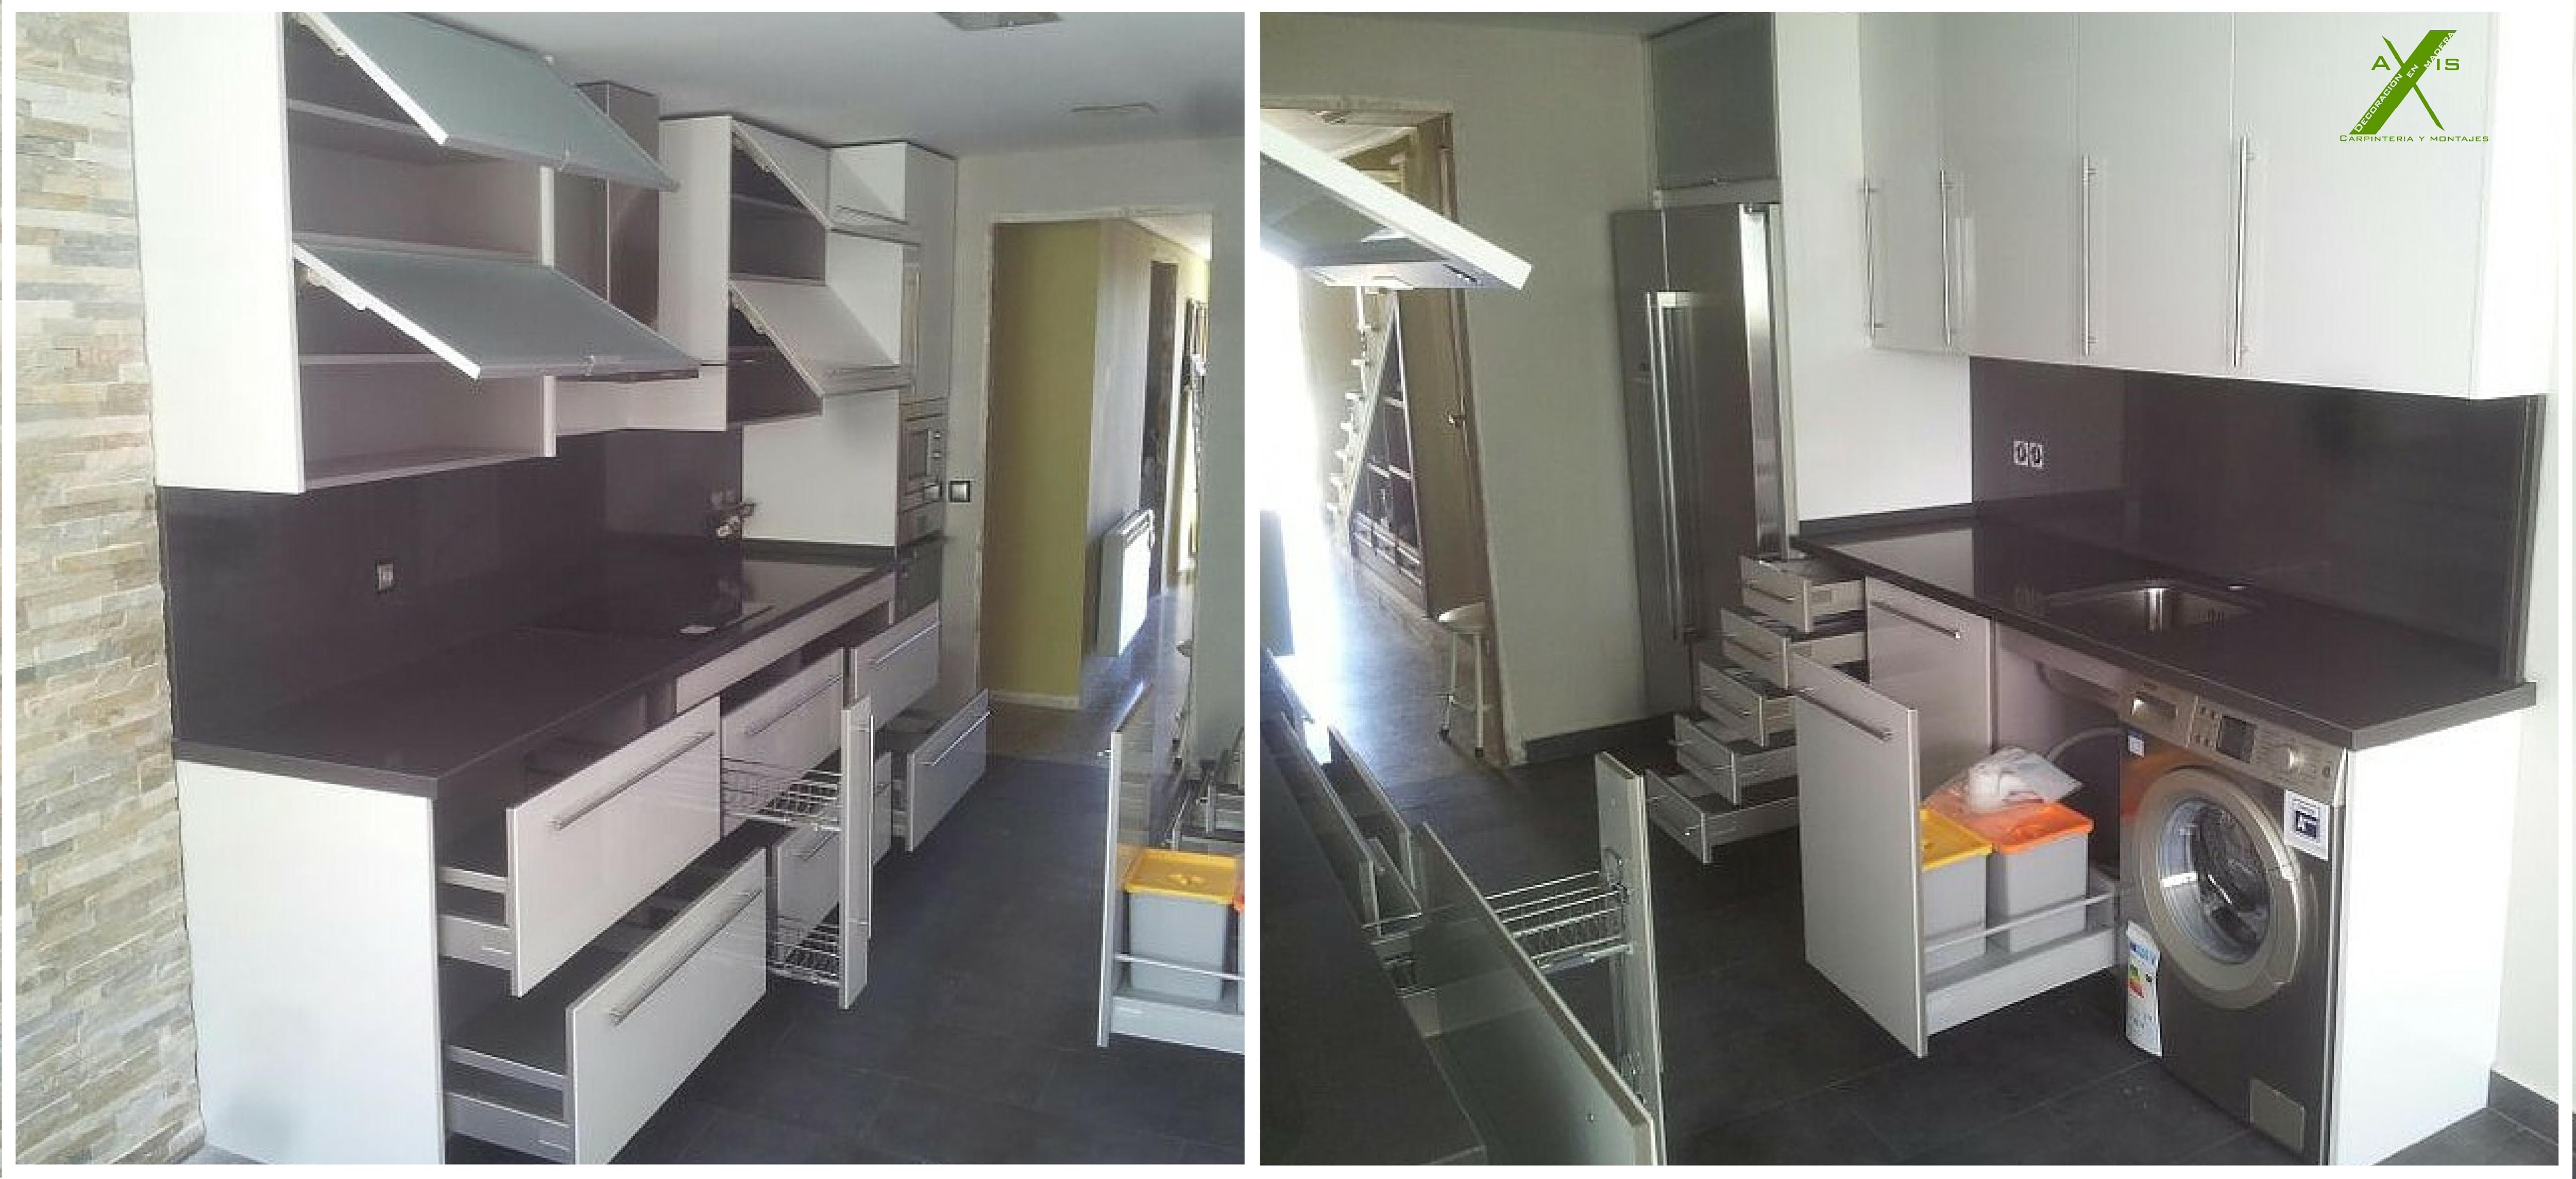 Muebles De Cocina Badajoz. Muebles De Cocina With Muebles De Cocina ...